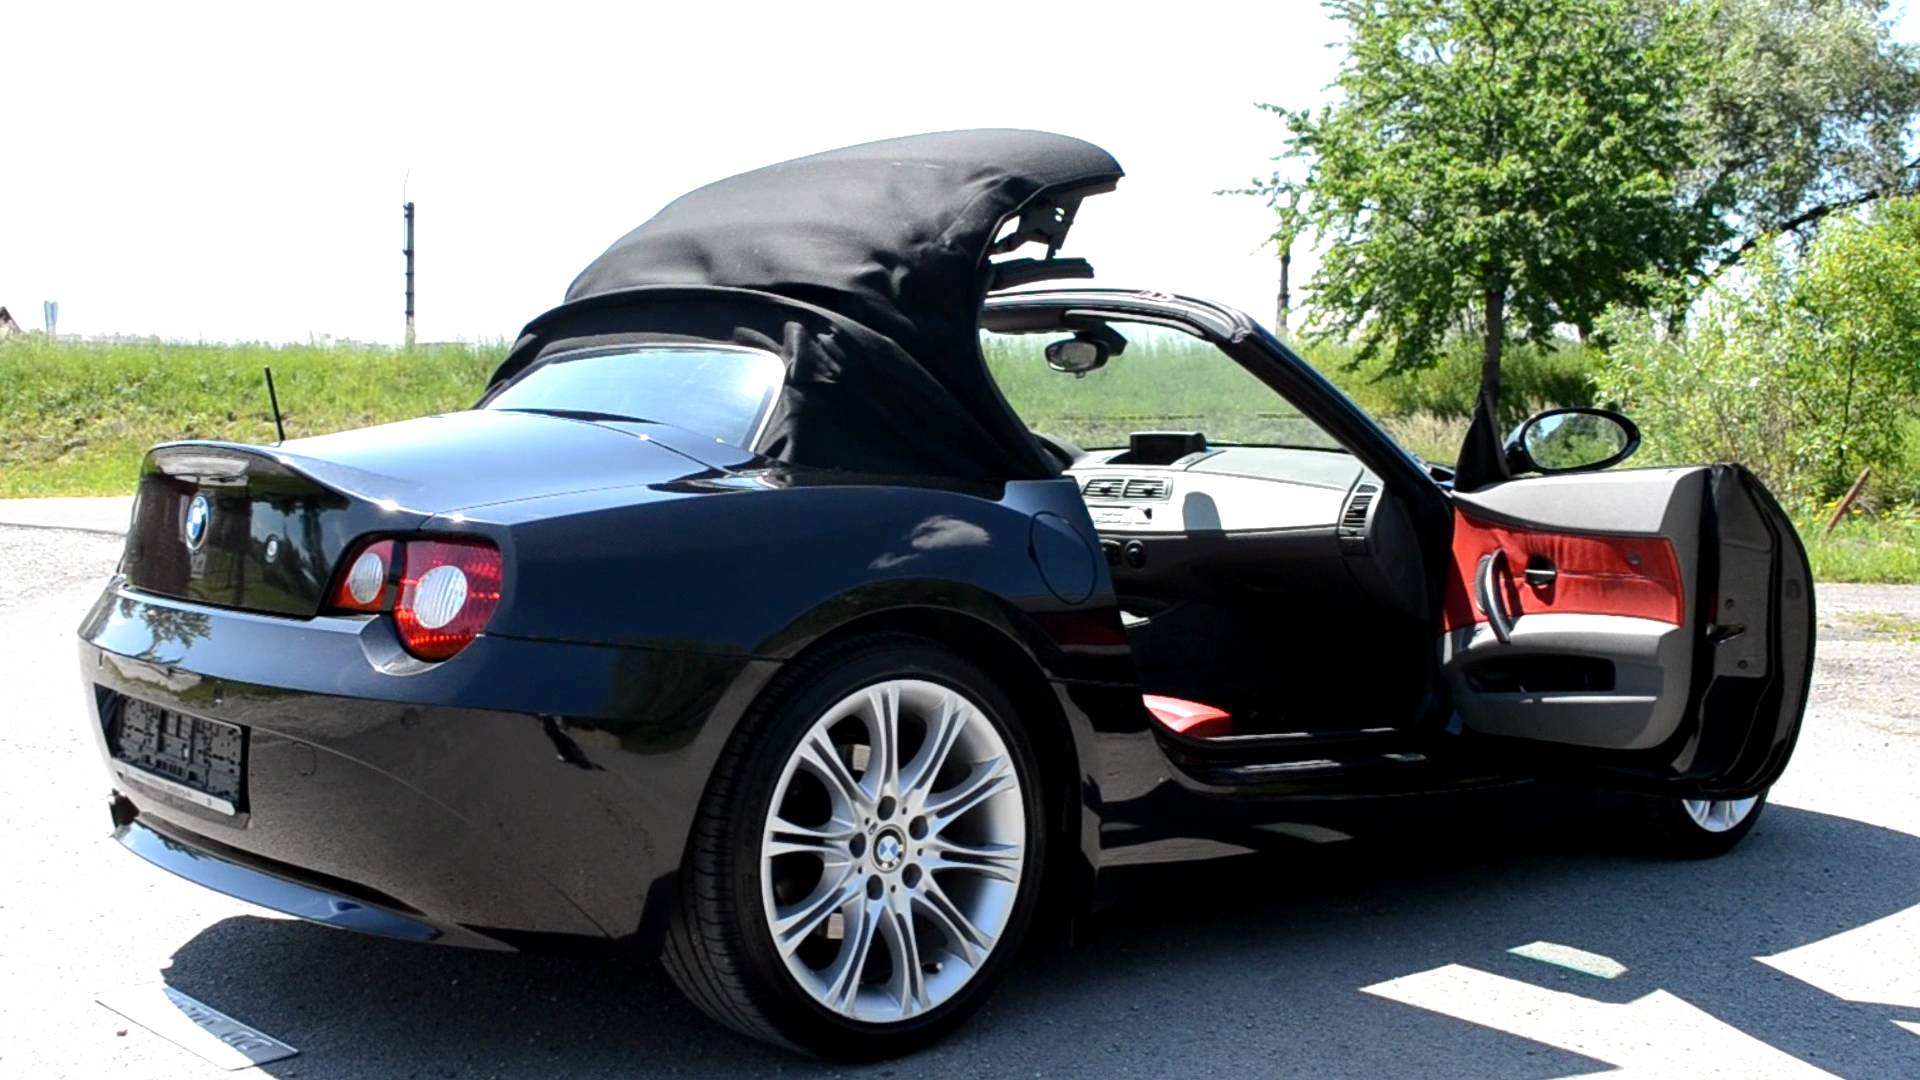 BMW-Z4-E85-12.jpg